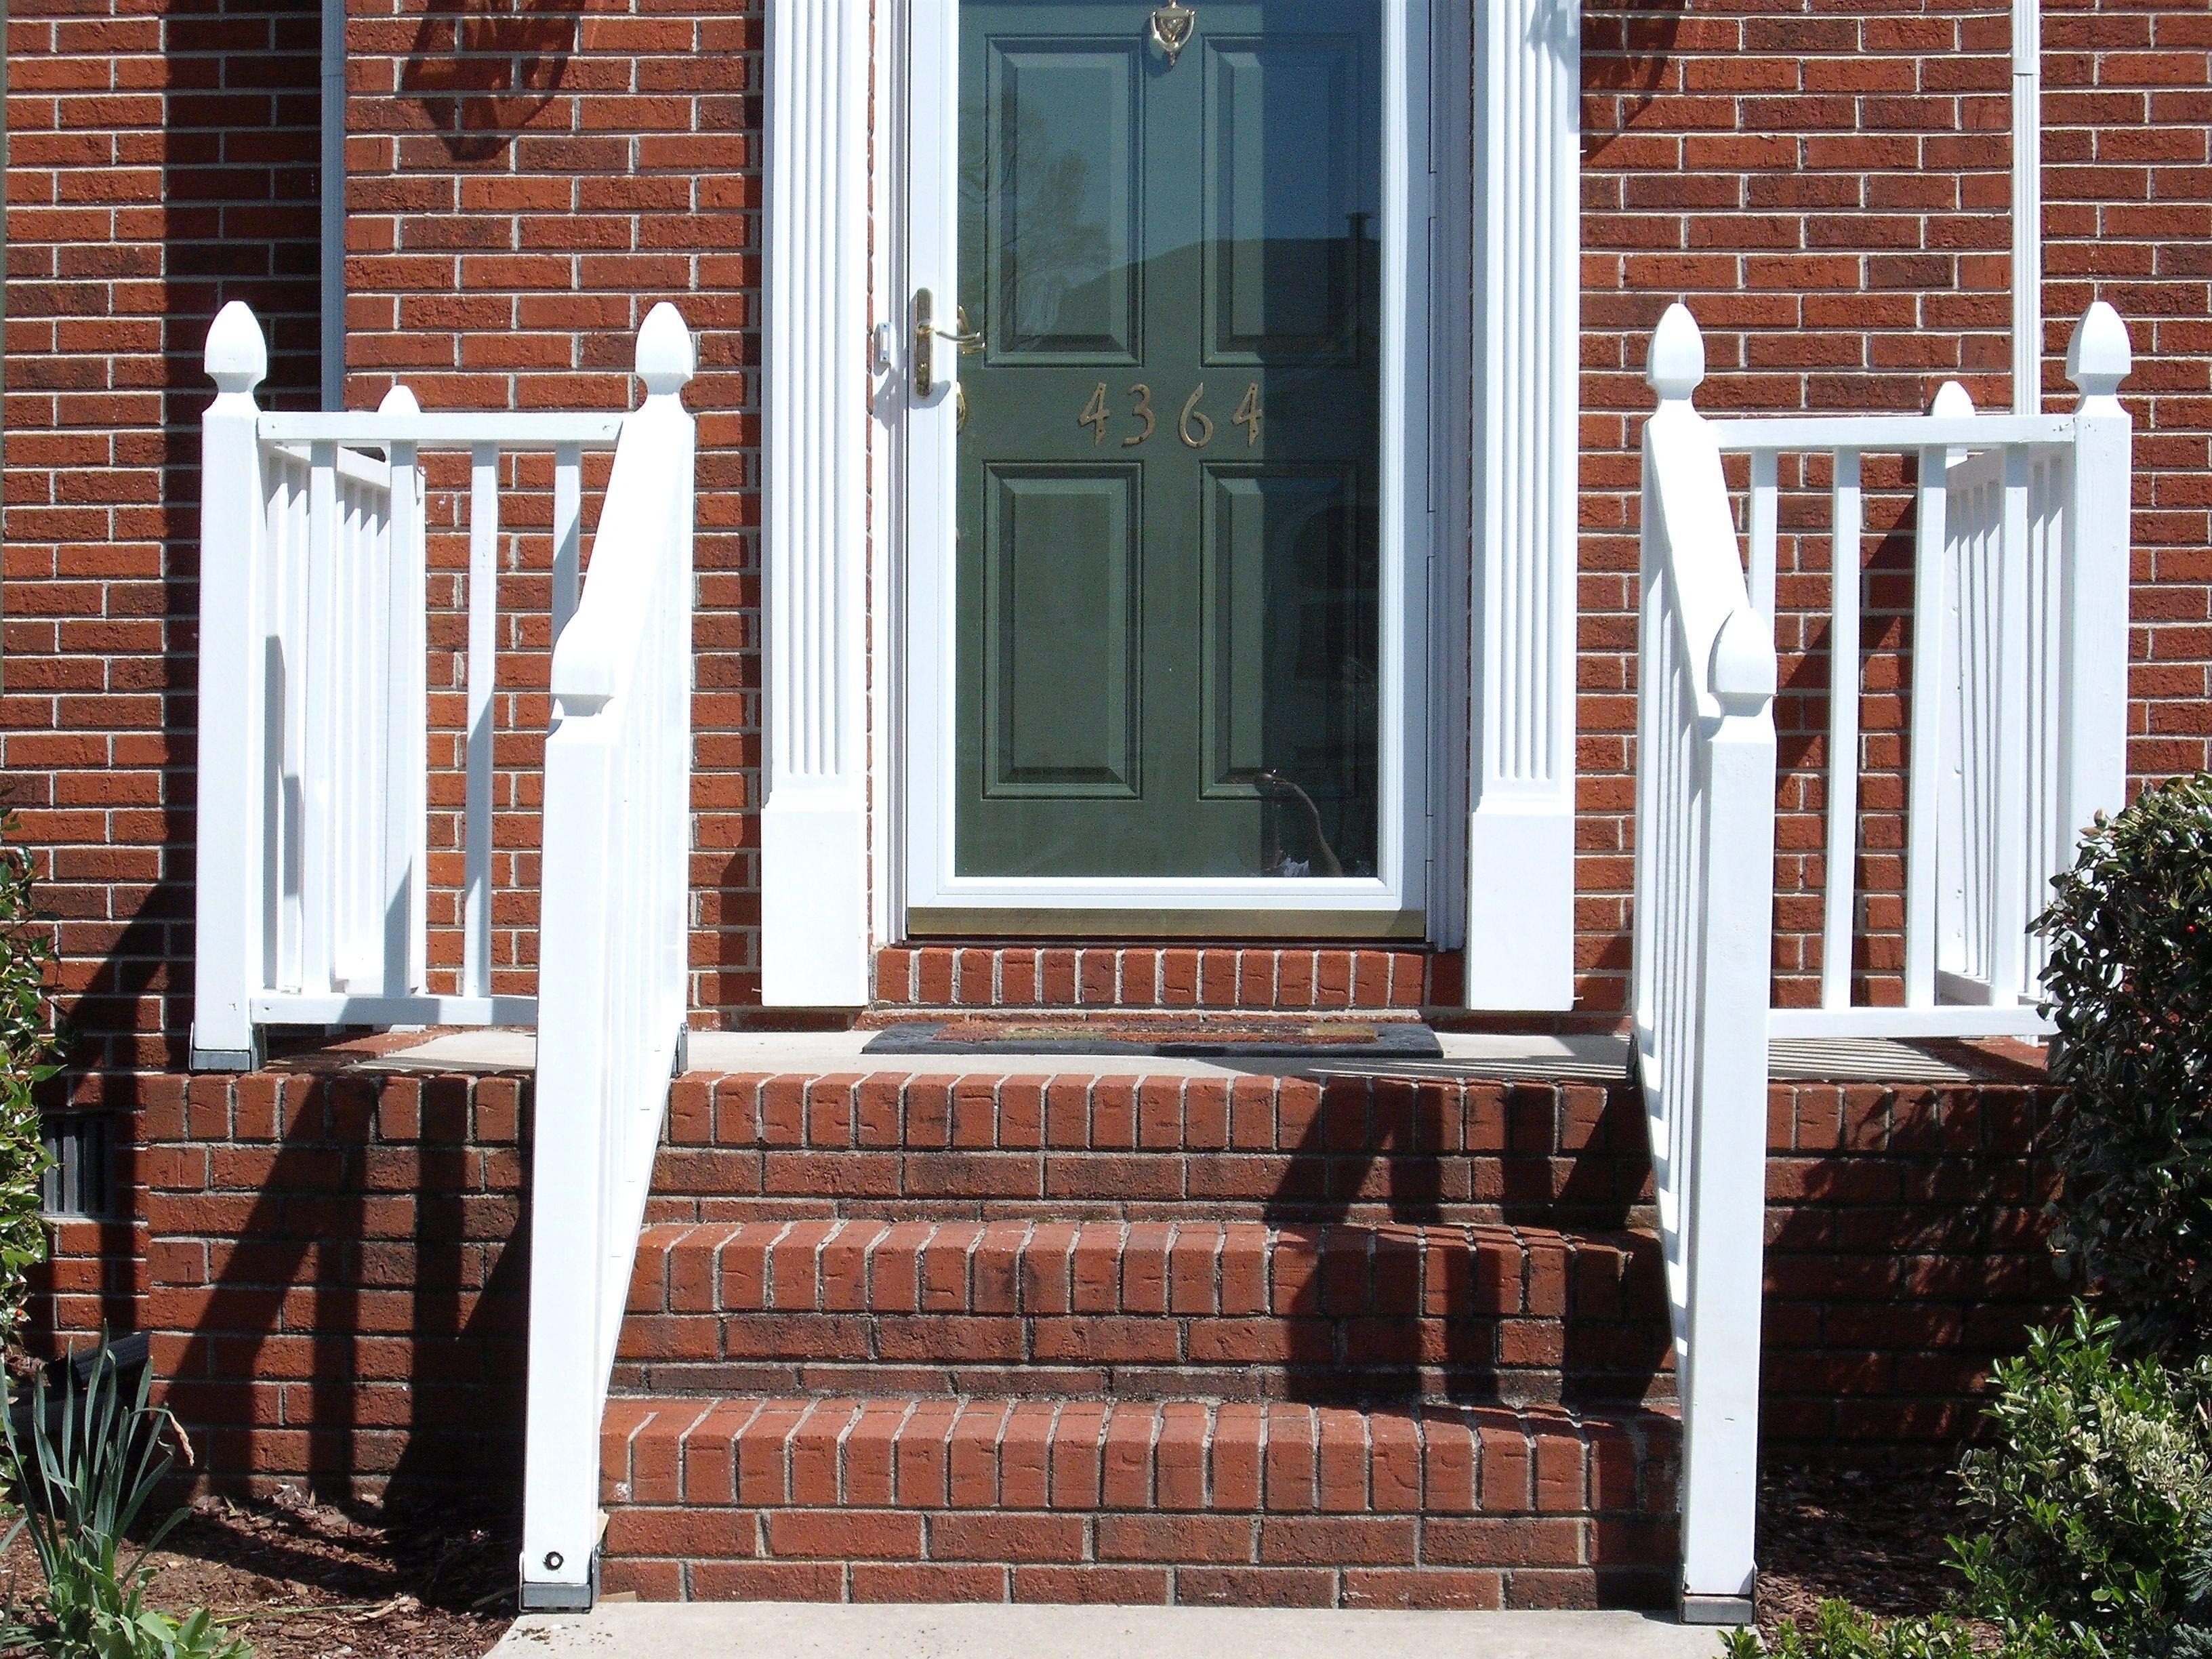 Front Door Stoop Designs - Native Home Garden Design |Wood Stoop Construction Ideas